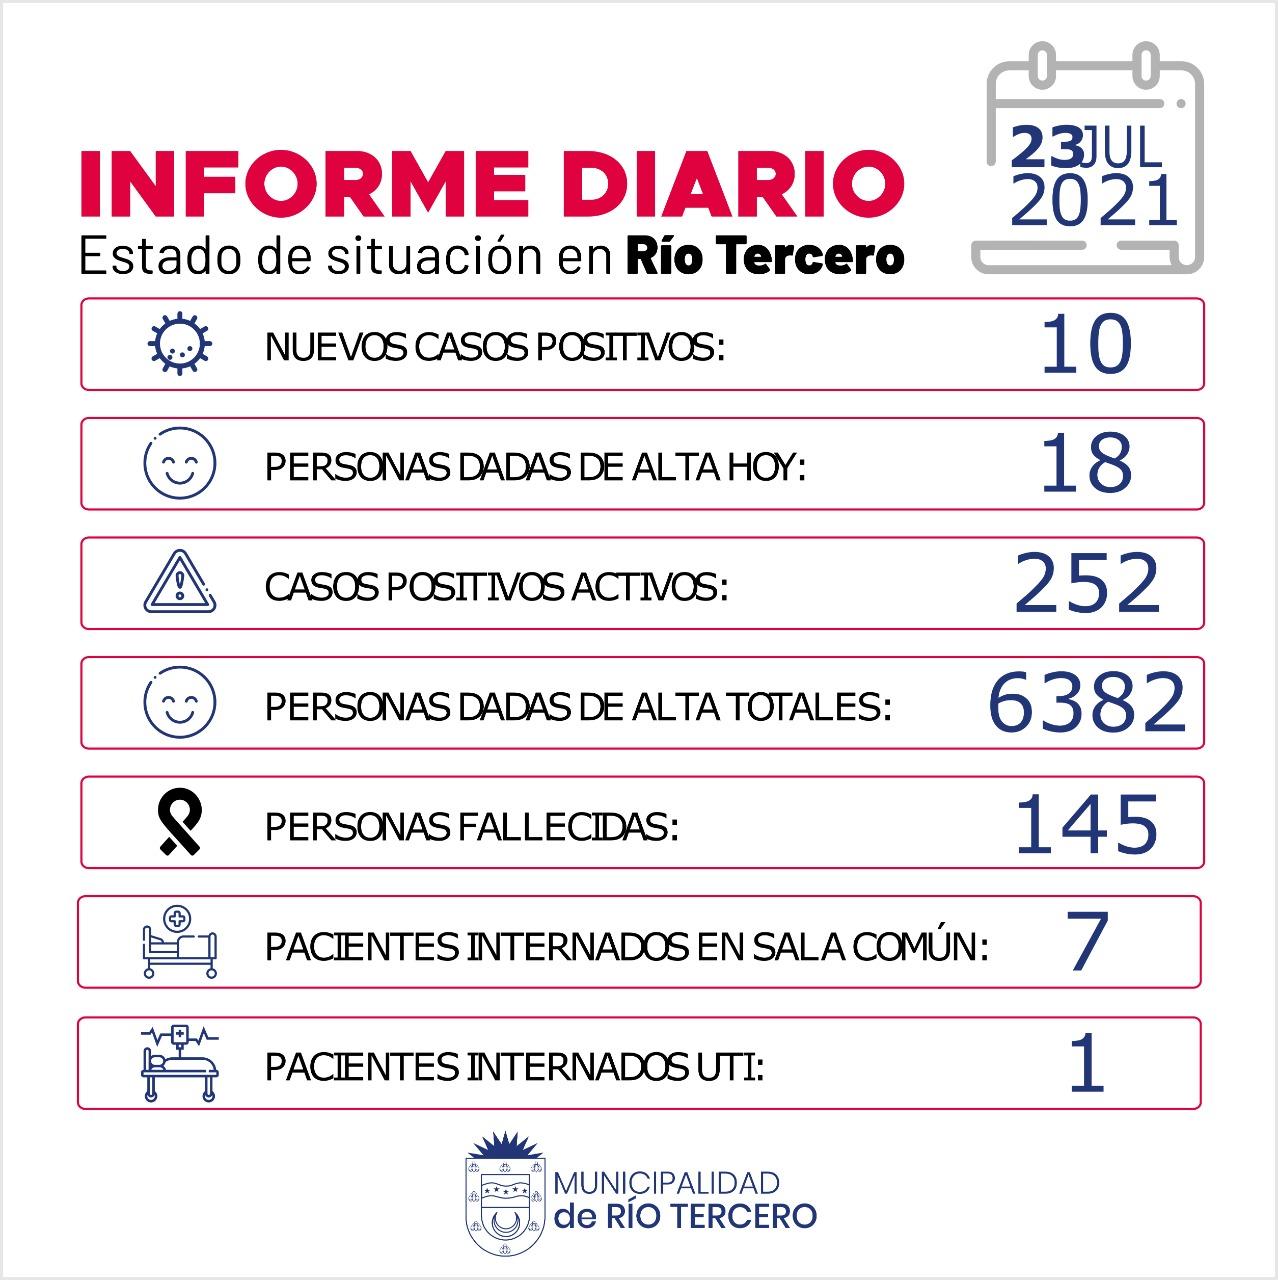 RÍO TERCERO HUBO UN FALLECIDO: HOY SE REGISTRARON 10 NUEVOS CASOS